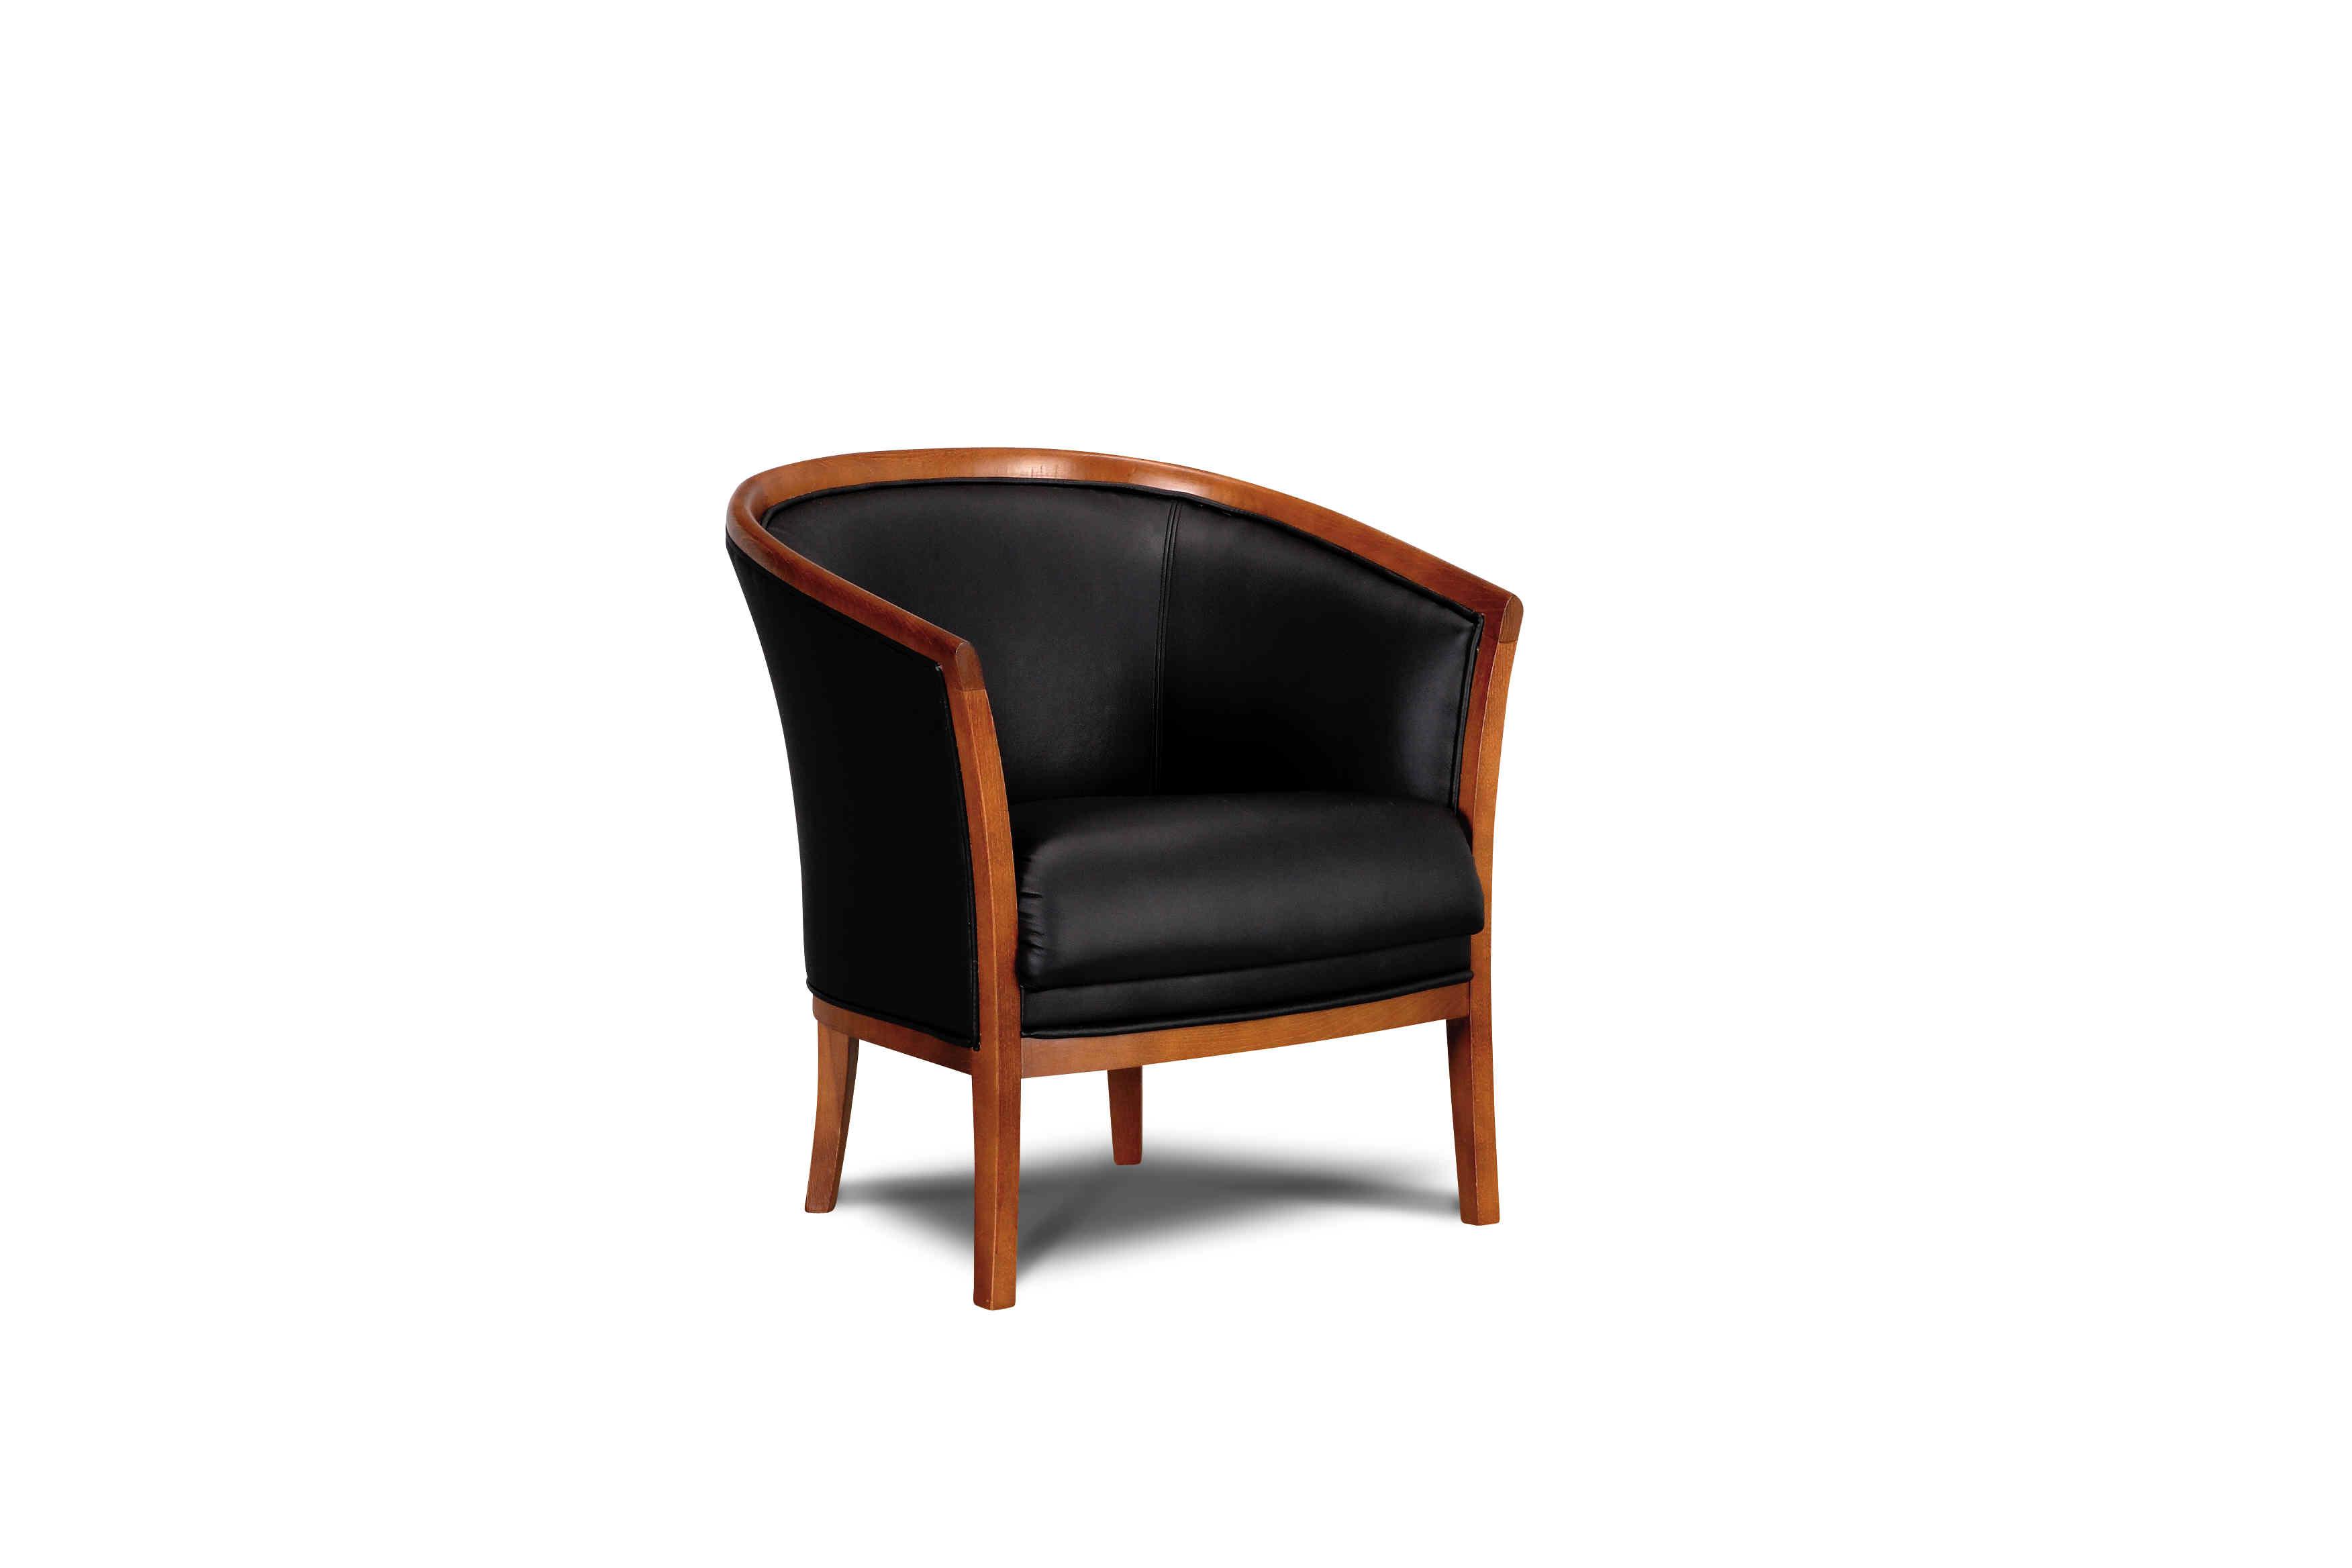 čierne klasické kresielko vhodné do hál, kaviarní, a hotelov - Roberto